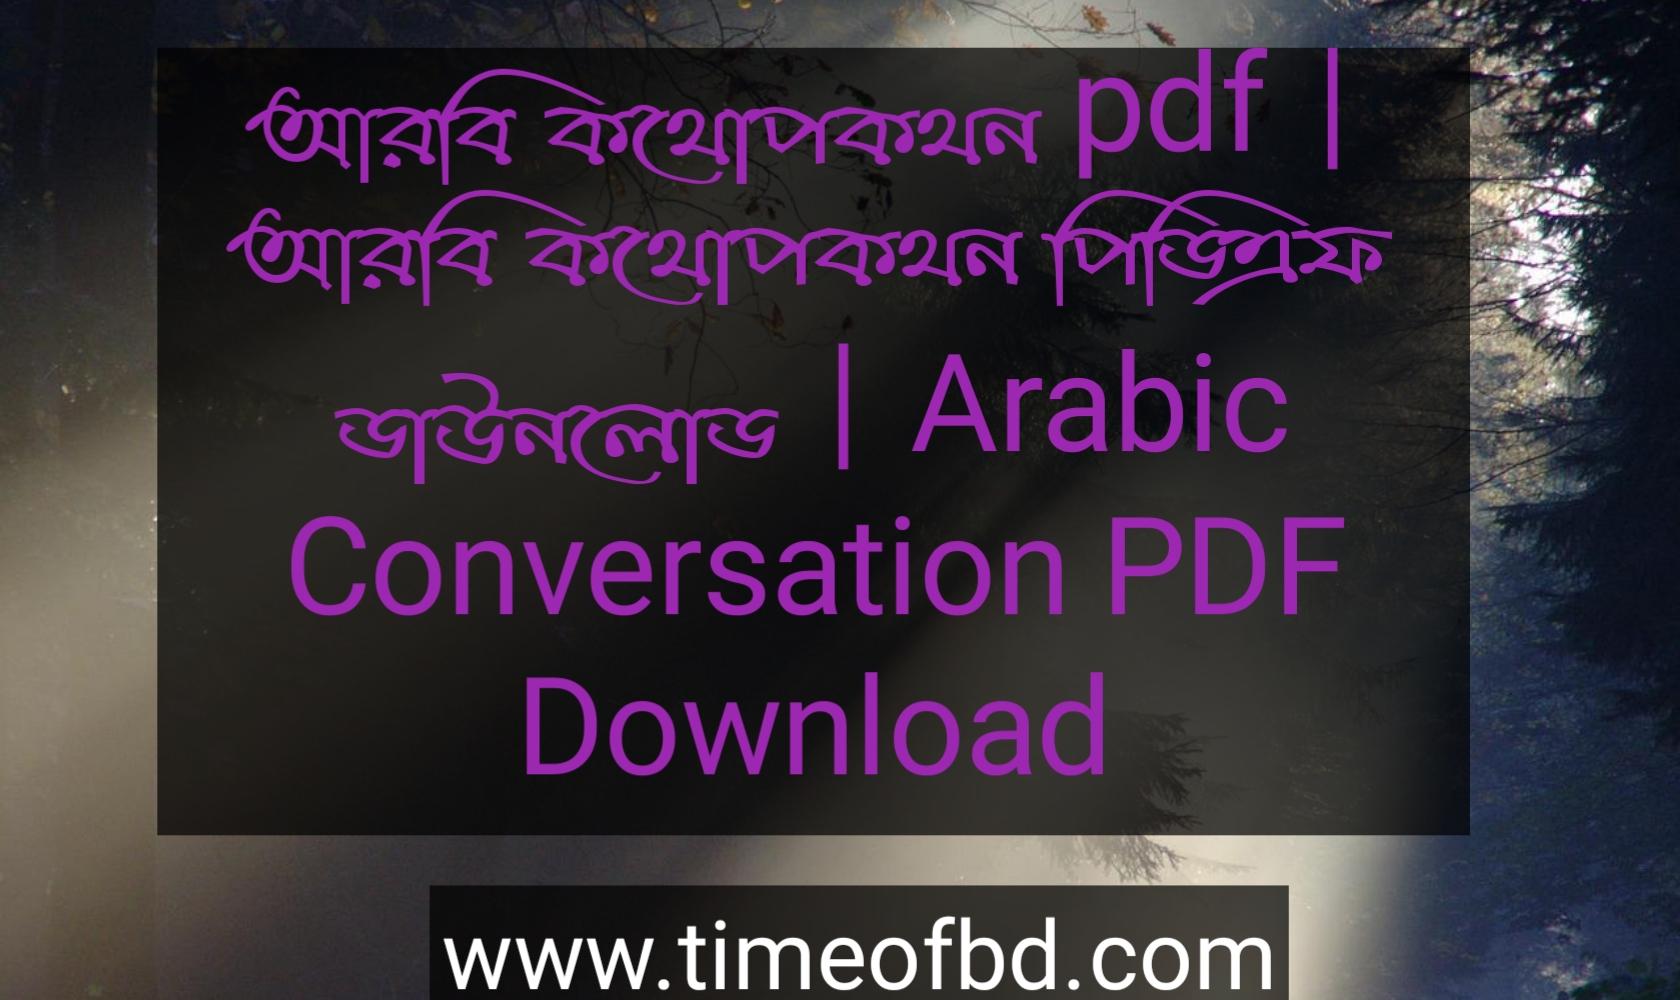 আরবি কথোপকথন pdf, আরবি কথোপকথন পিডিএফ ডাউনলোড, আরবি কথোপকথন পিডিএফ, আরবি কথোপকথন pdf download,